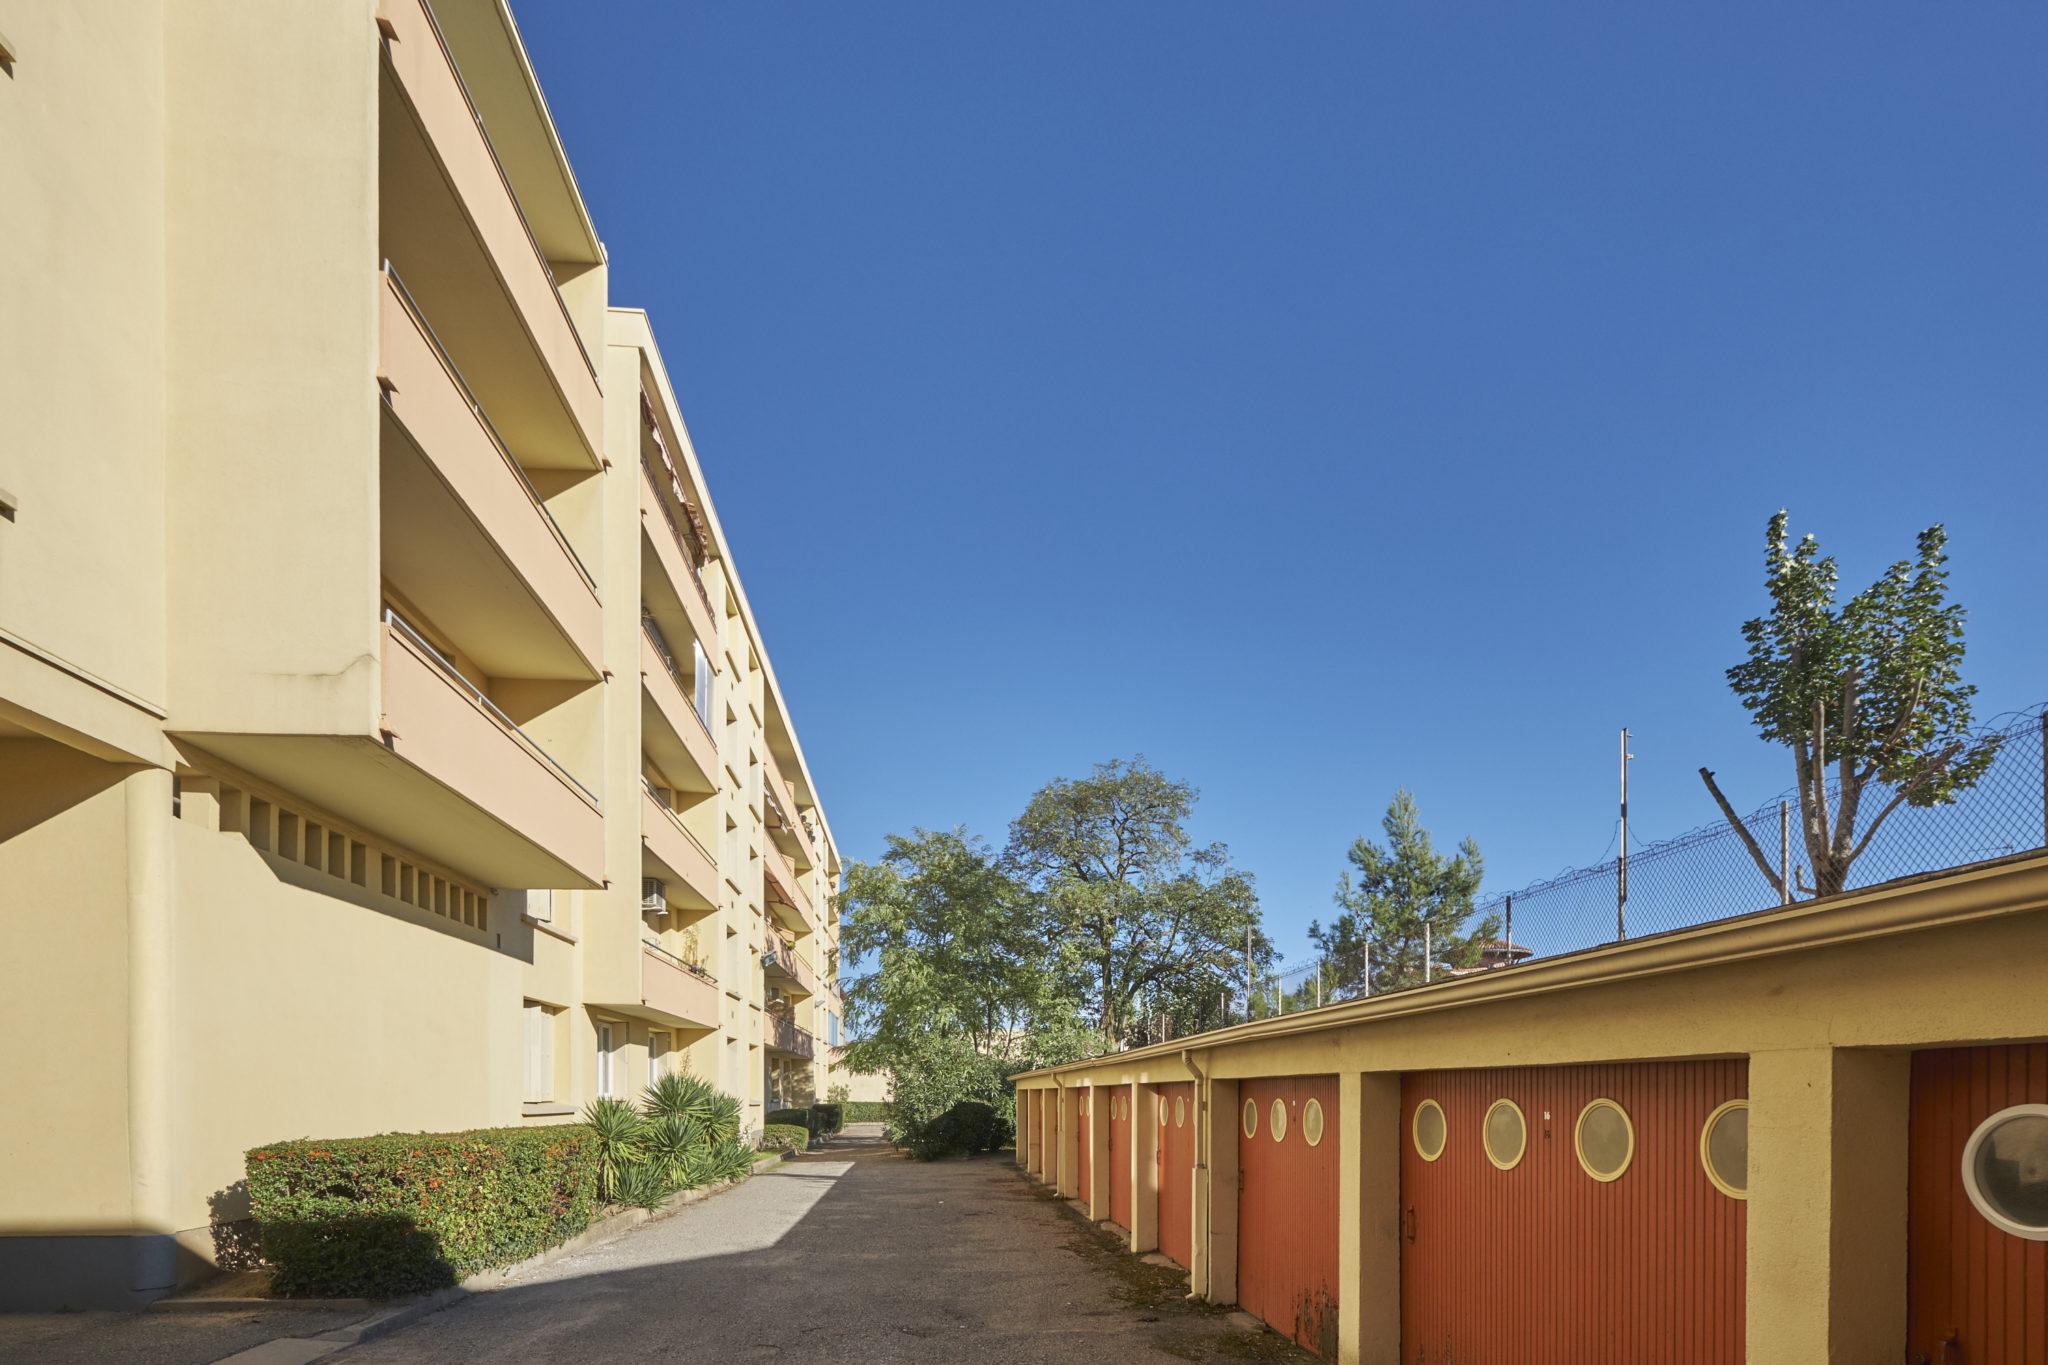 Foncia Immobilier - SHOOTING N° 847180 INFORMATIONS UTILES : Référence du bien : 1245521 Adresse :CROZALS - 11000 CARCASSONNE Nombre de pièces * : 3 Surface : 50 m²